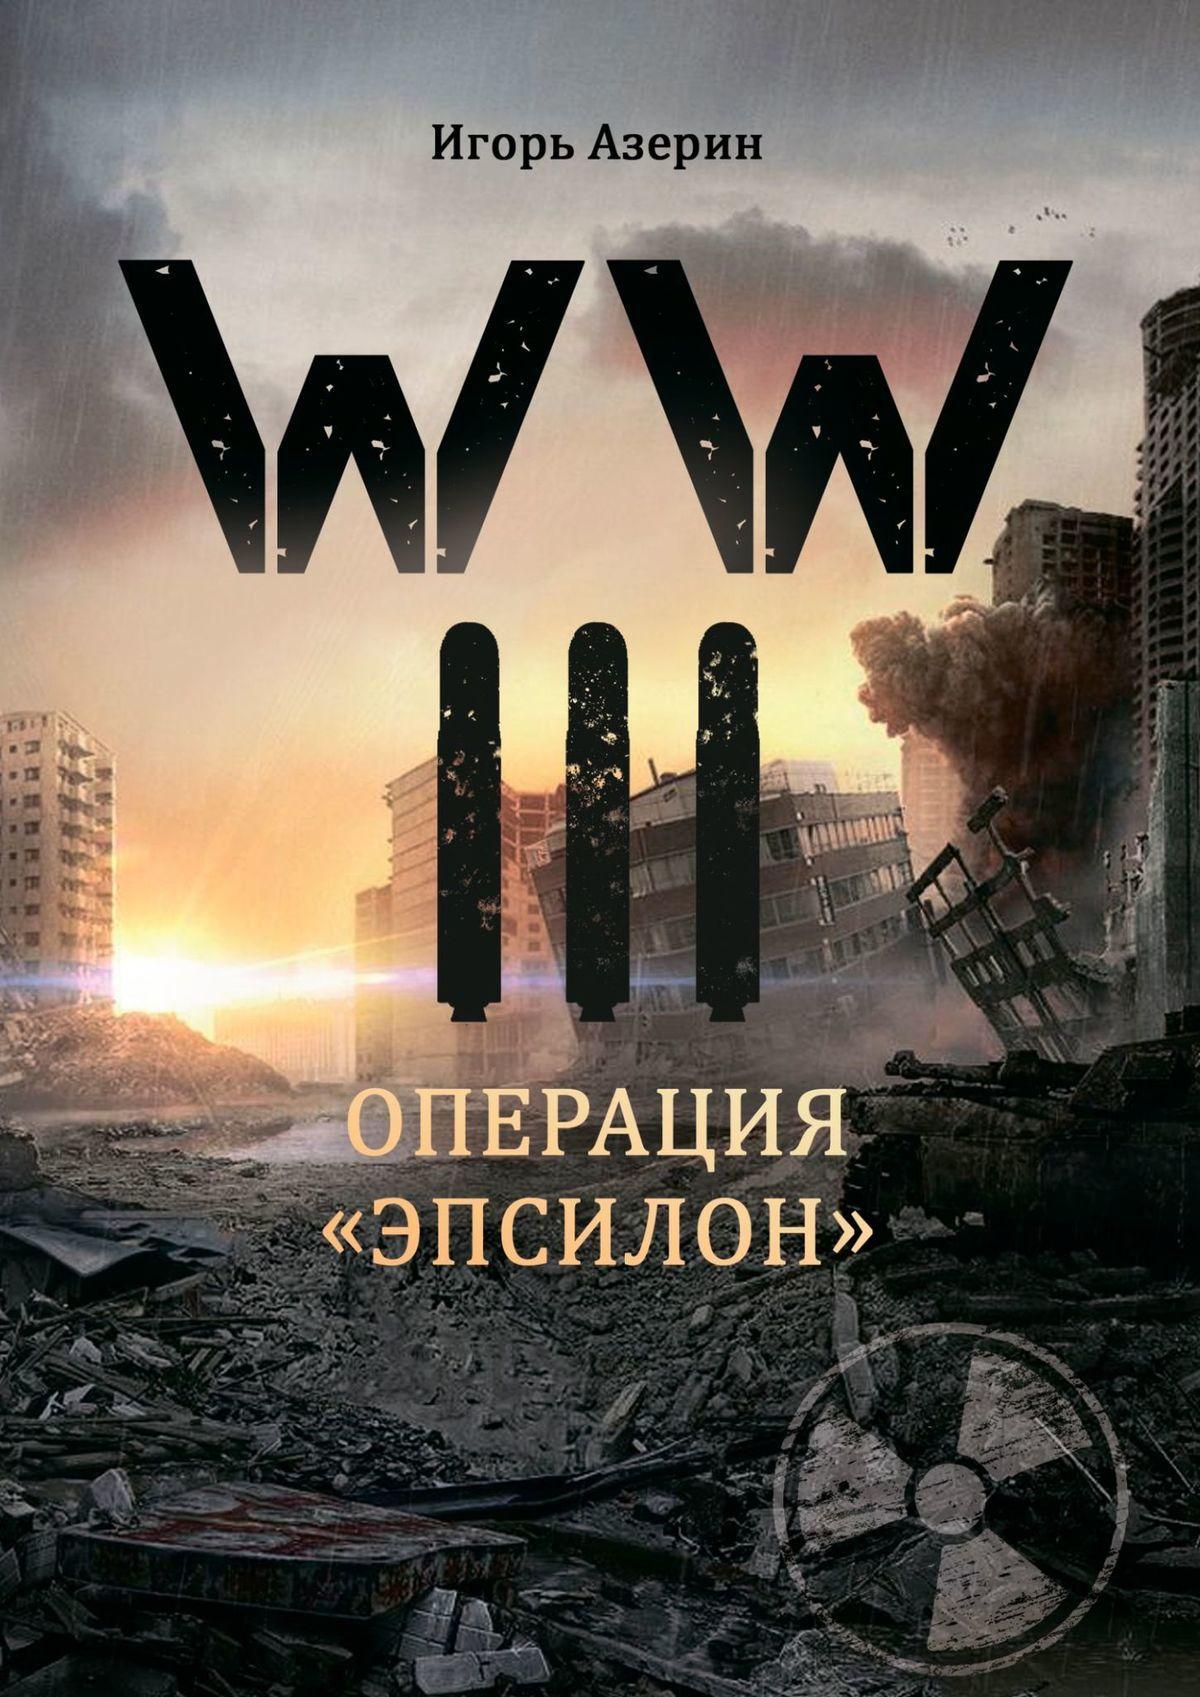 Скачать бесплатно WWIII. Операция «Эпсилон»